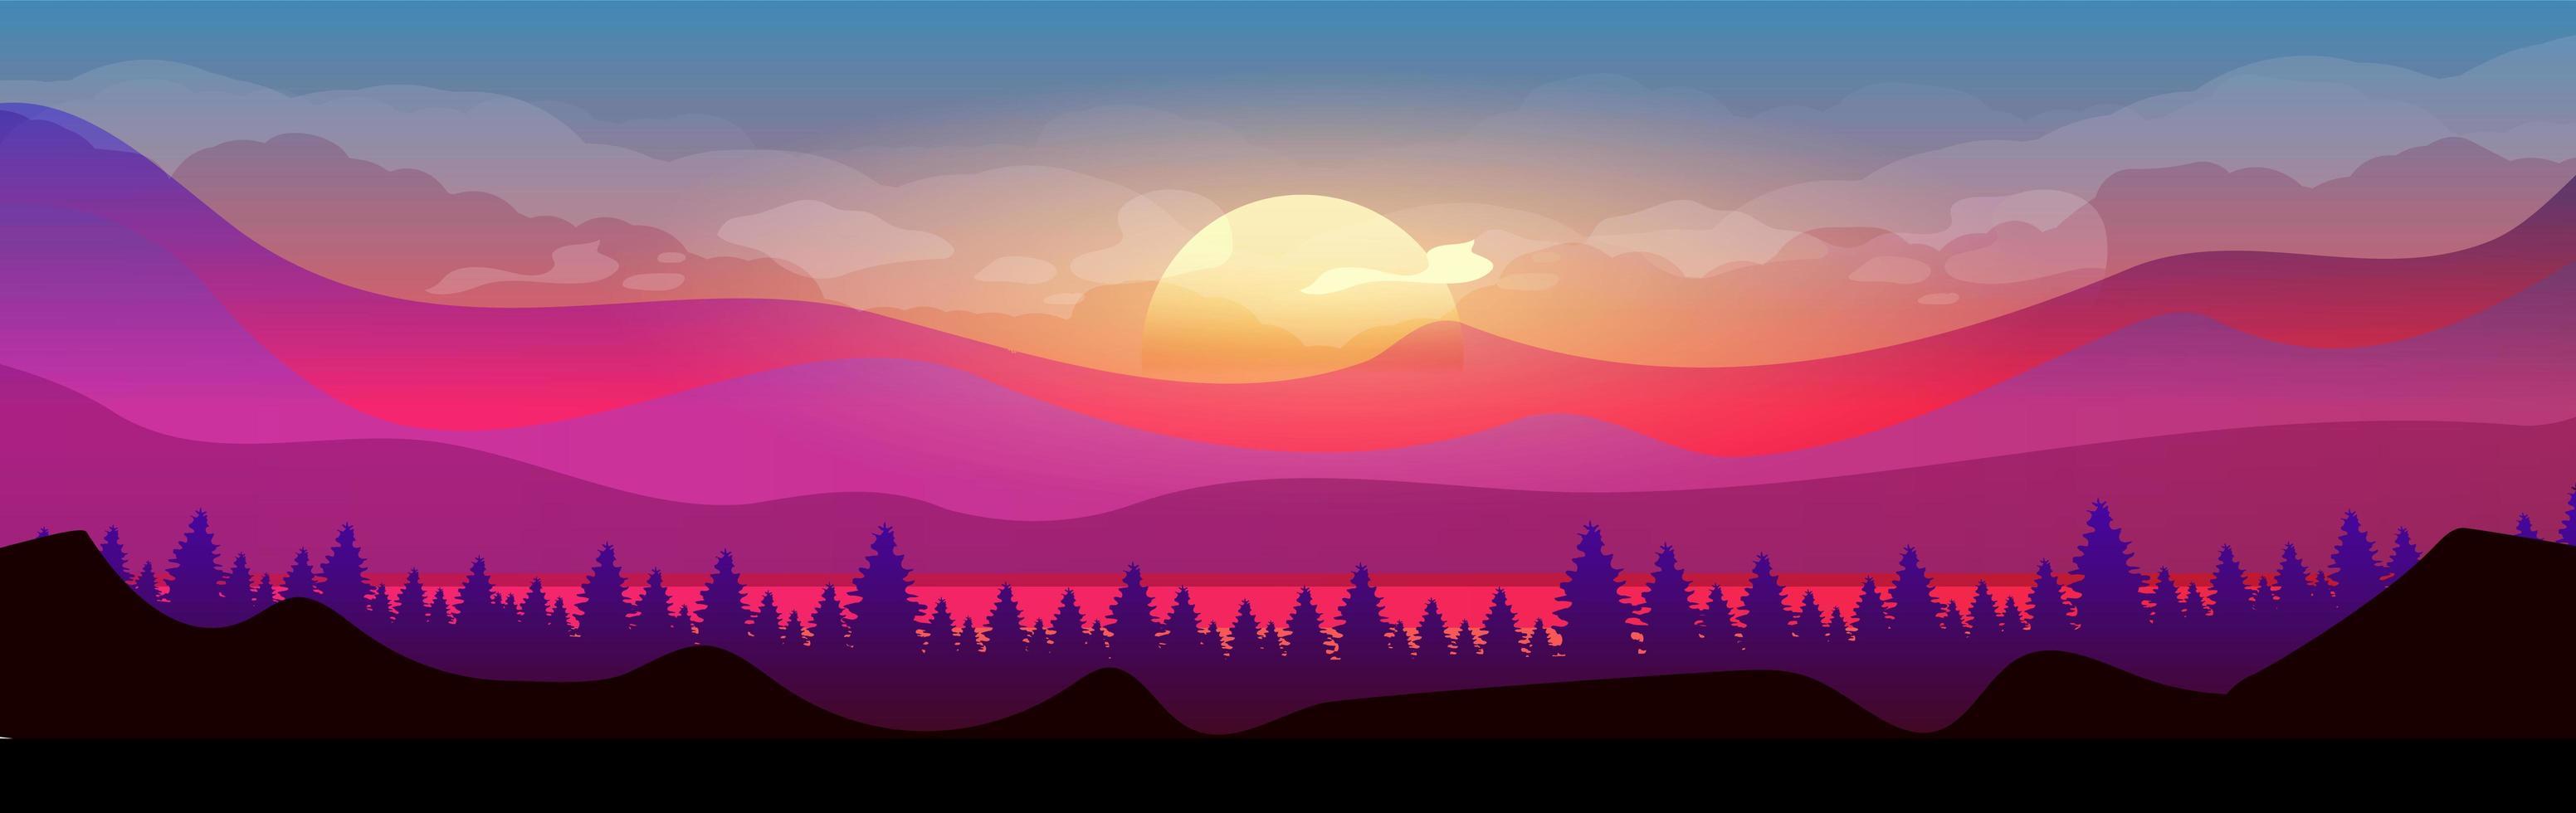 puesta de sol en las montañas vector